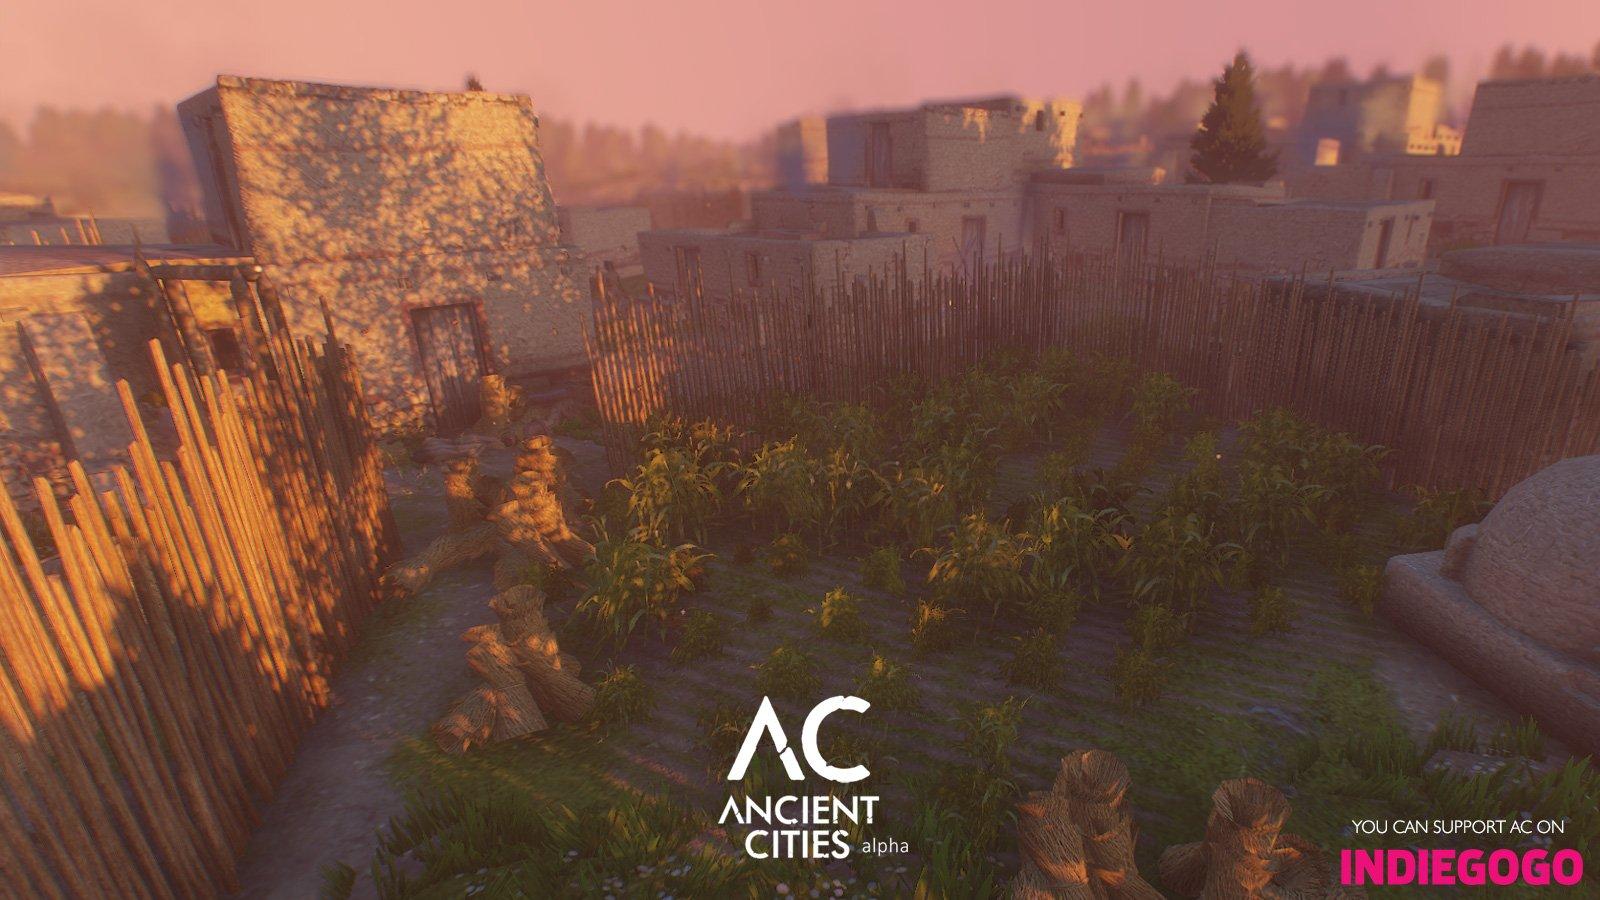 Ancient Cities DGfzYcKWAAERSwz